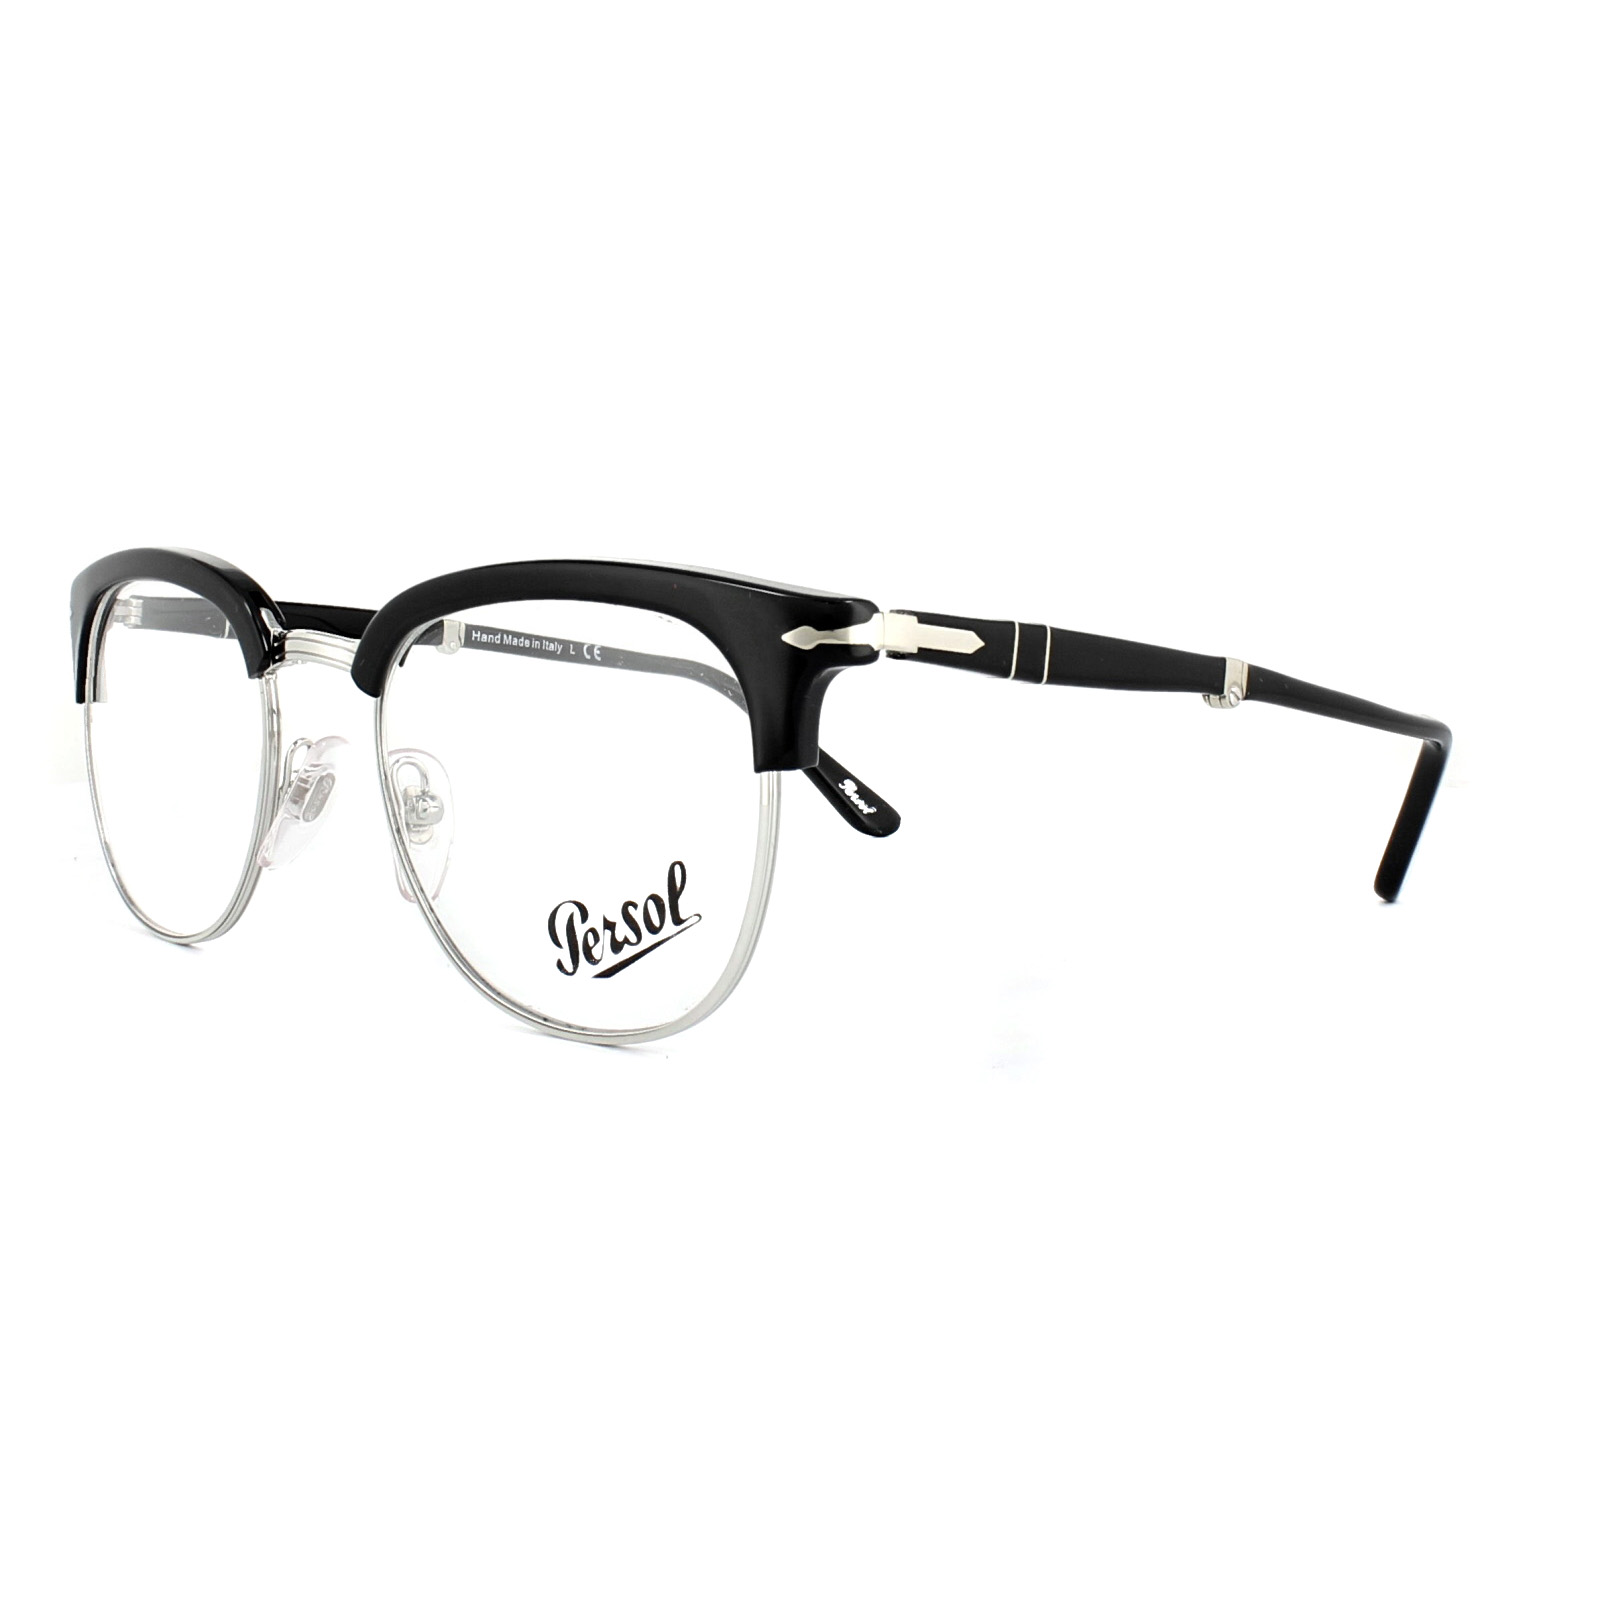 56f0c63ad Cheap Persol PO 3132V Glasses Frames - Discounted Sunglasses